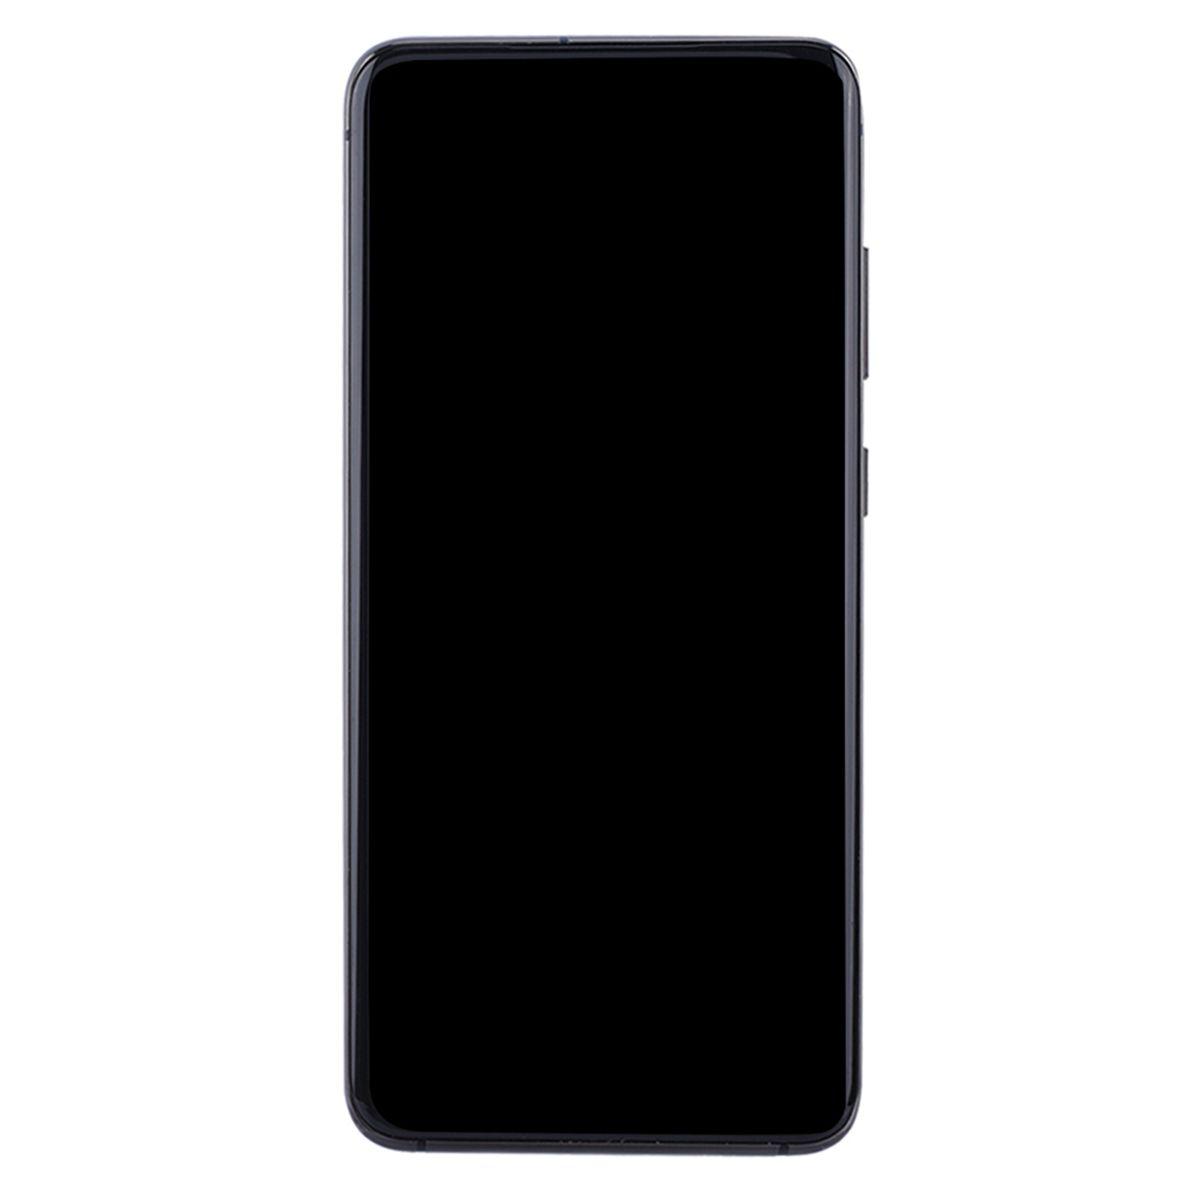 6.9 6.7 بوصة اللفت ثقب ملء الشاشة N20U ES20U 20 زائد N20 + 5G Android 10 Octa Core 256GB 512GB بصمات الأصابع 4 كاميرات GPS الذكي